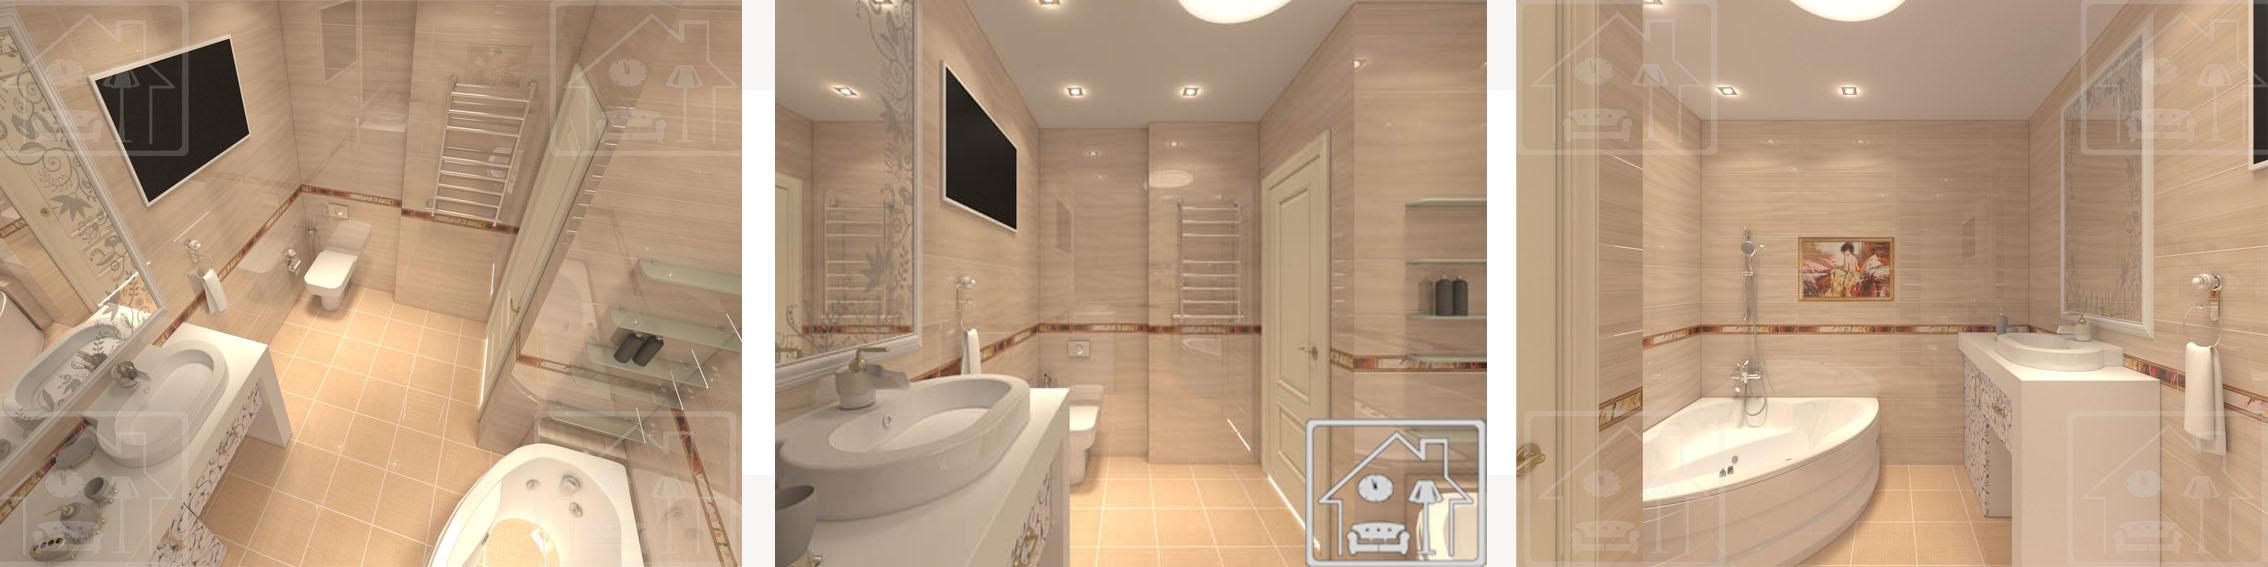 Санузел в стилесовременной классики с угловой гидромассажной ванной и ТВ